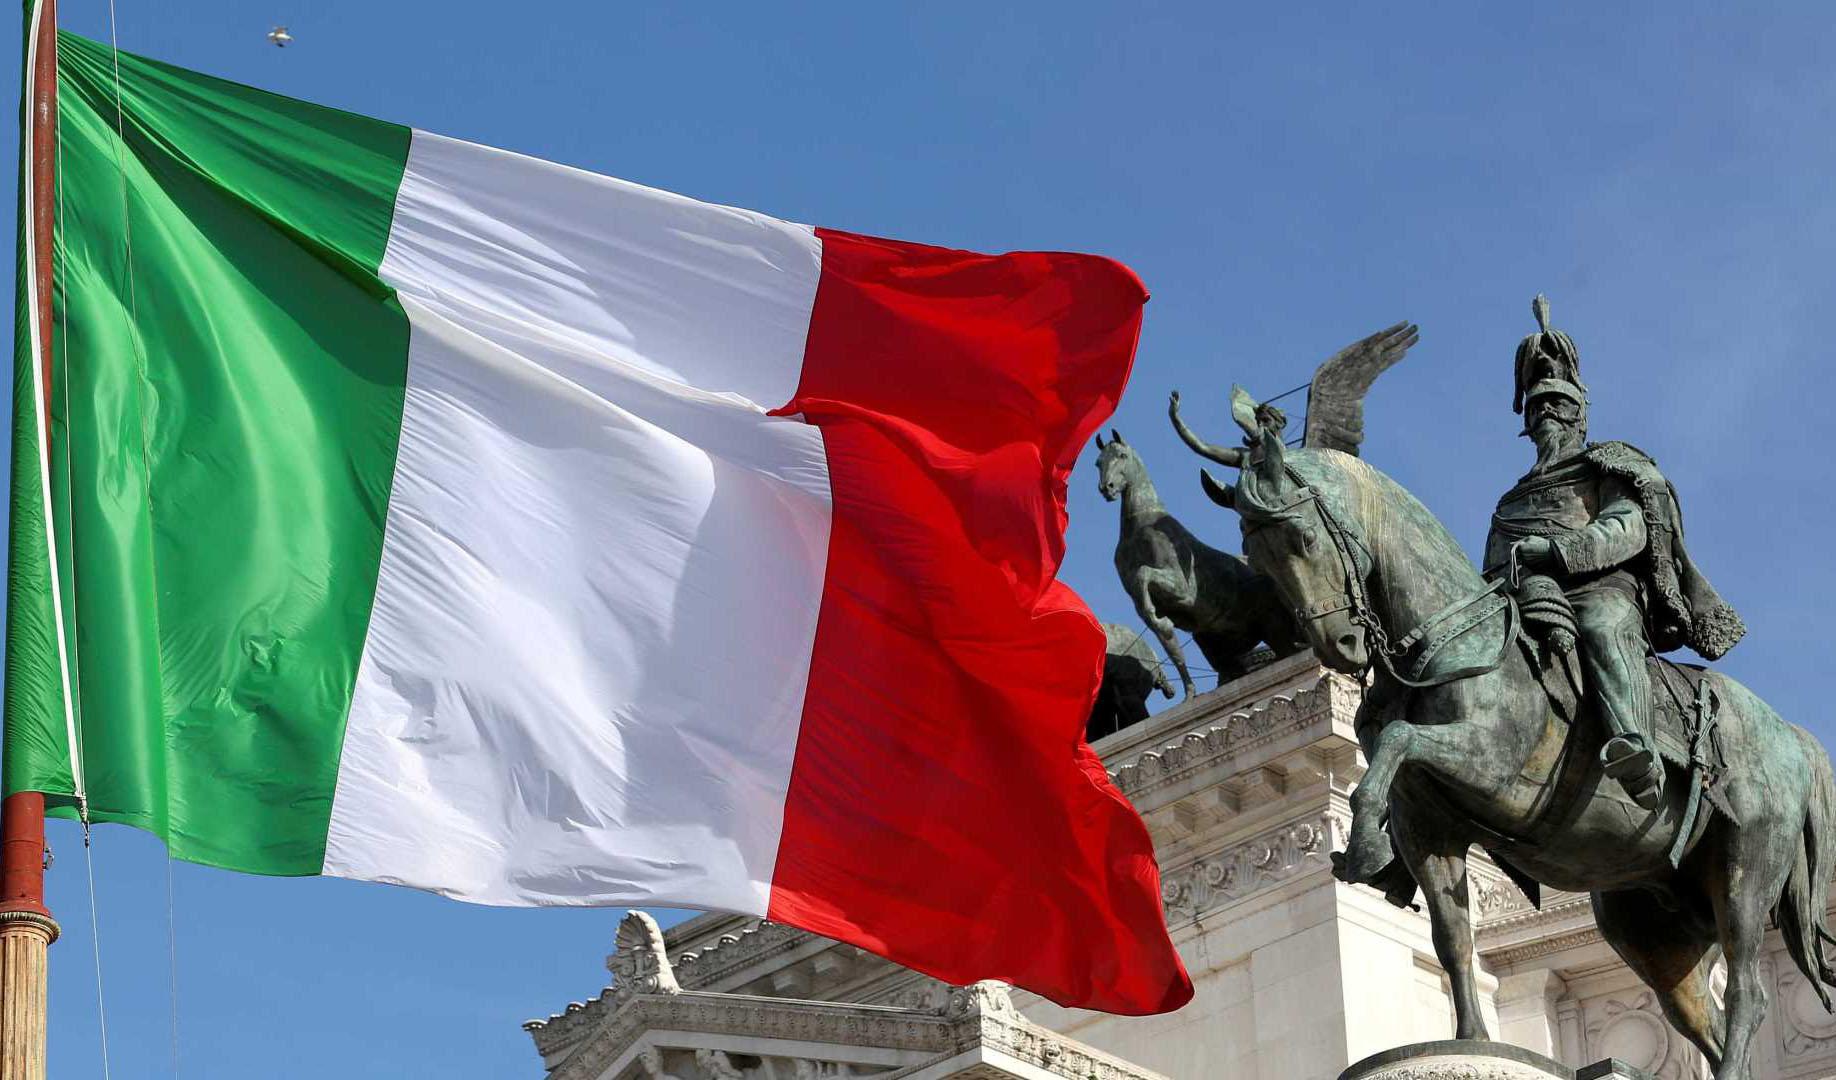 اقتصاد ایتالیا وارد رکودی عمیق شده است